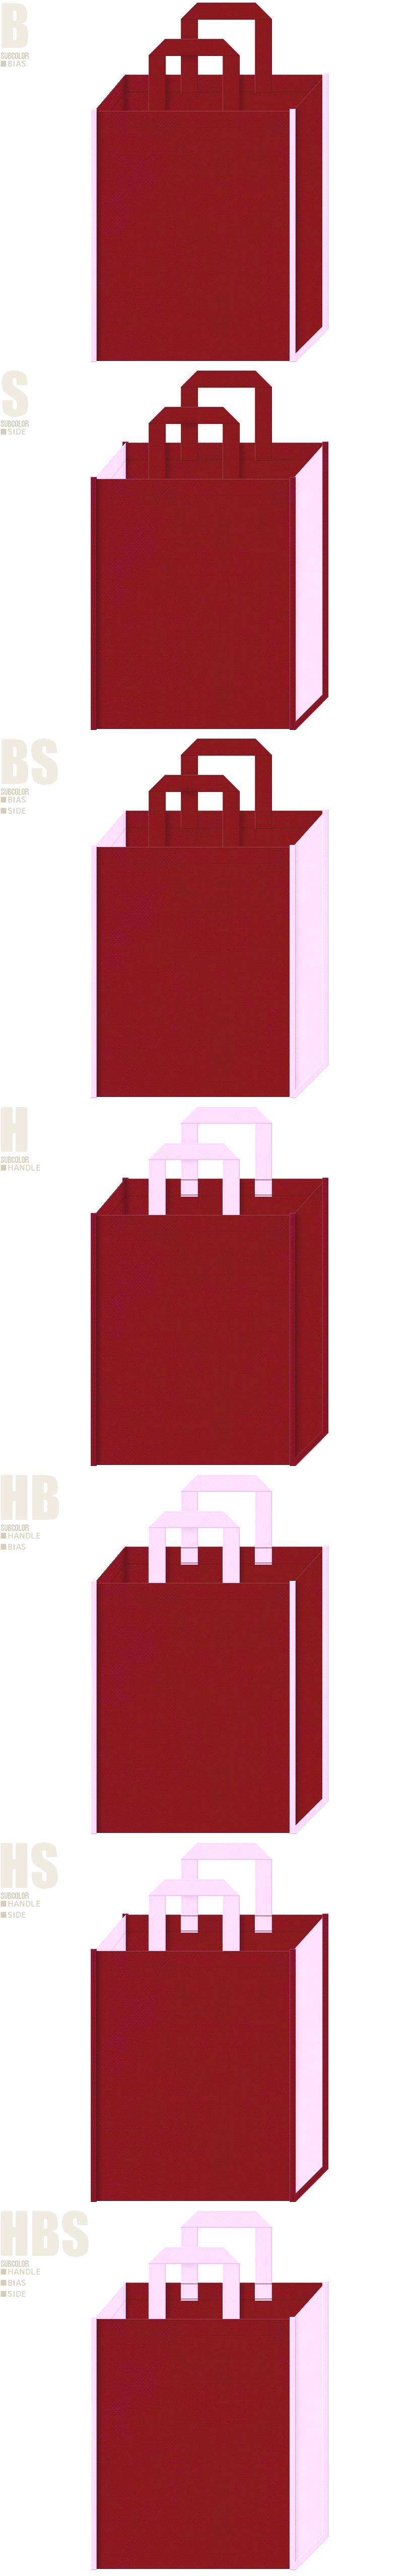 エンジ色と明るめのピンク色、7パターンの不織布トートバッグ配色デザイン例。着物・振袖風。